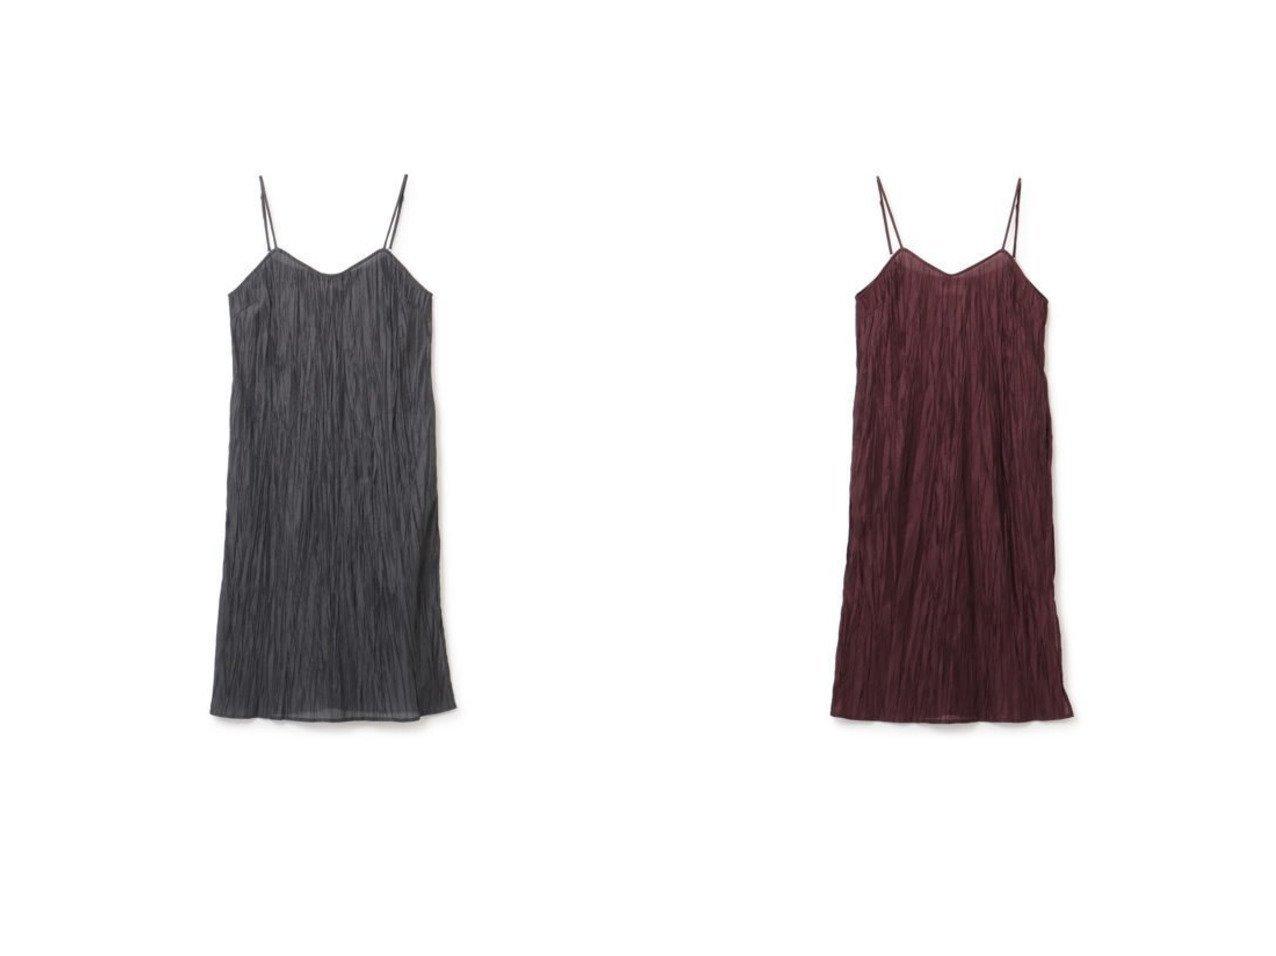 【R JUBILEE/アール ジュビリー】のCamisole Dress ワンピース・ドレスのおすすめ!人気、トレンド・レディースファッションの通販  おすすめで人気の流行・トレンド、ファッションの通販商品 メンズファッション・キッズファッション・インテリア・家具・レディースファッション・服の通販 founy(ファニー) https://founy.com/ ファッション Fashion レディースファッション WOMEN ワンピース Dress ドレス Party Dresses キャミソール ドレス ノースリーブ フォーマル |ID:crp329100000010236